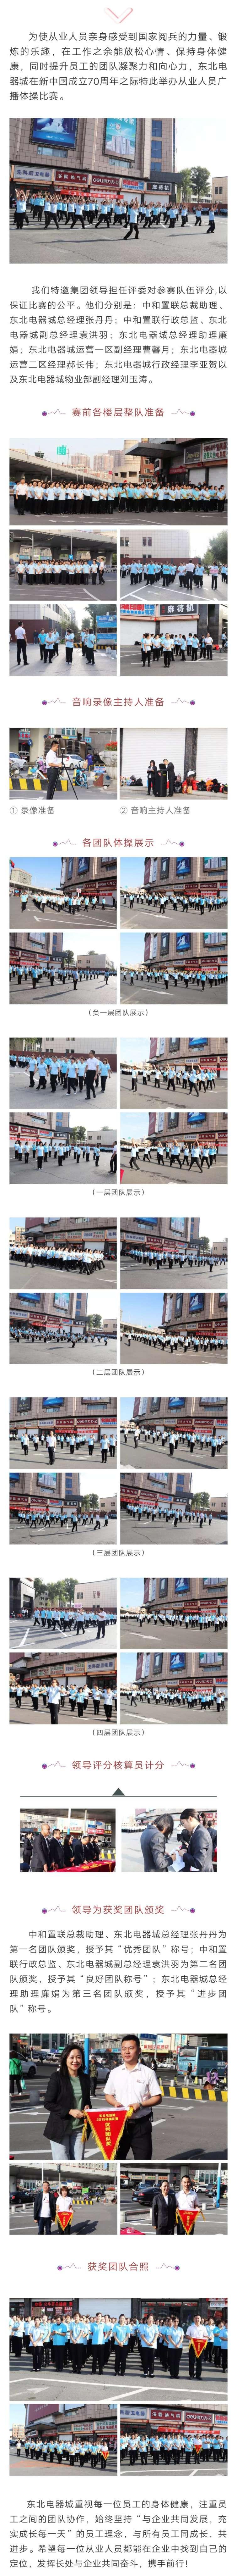 广播体操.jpg